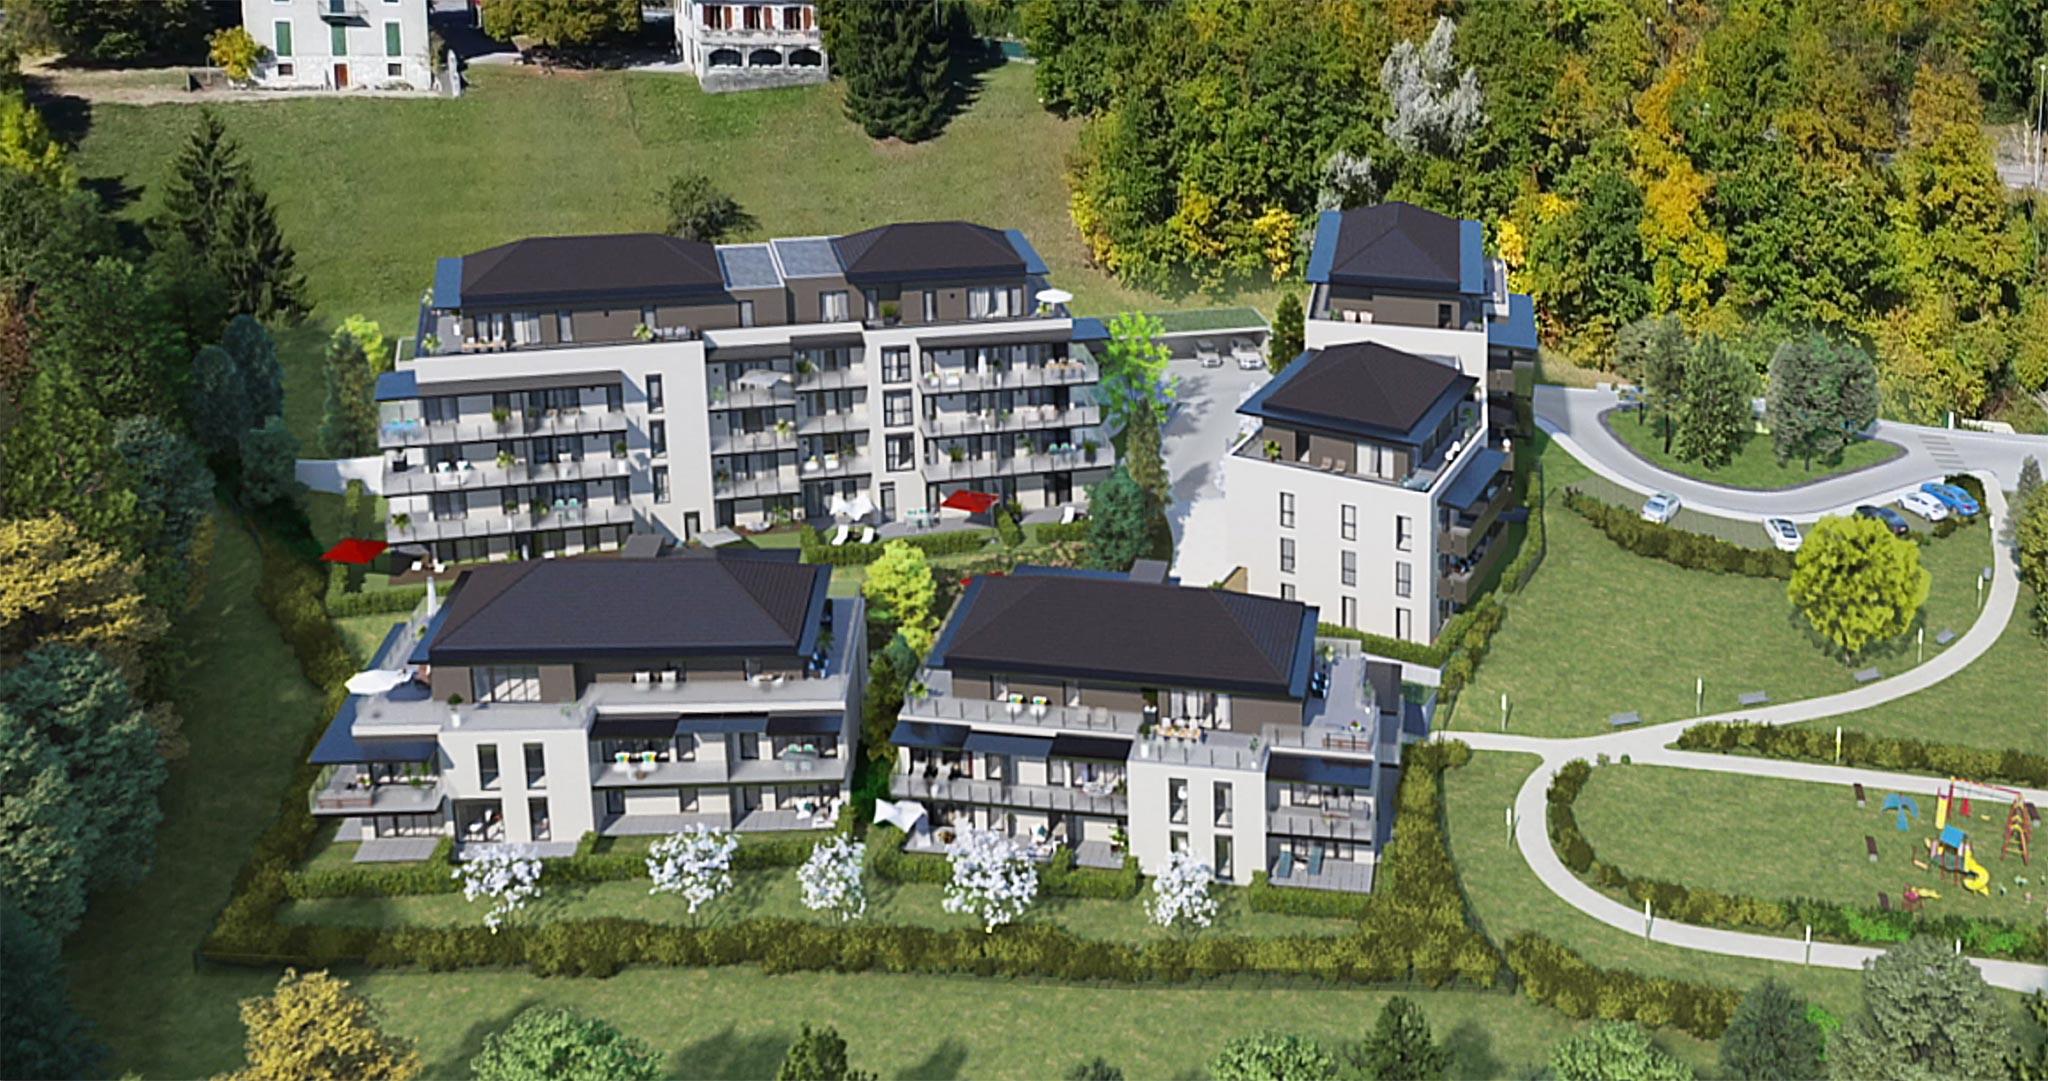 Plan masse PRINGY Annecy